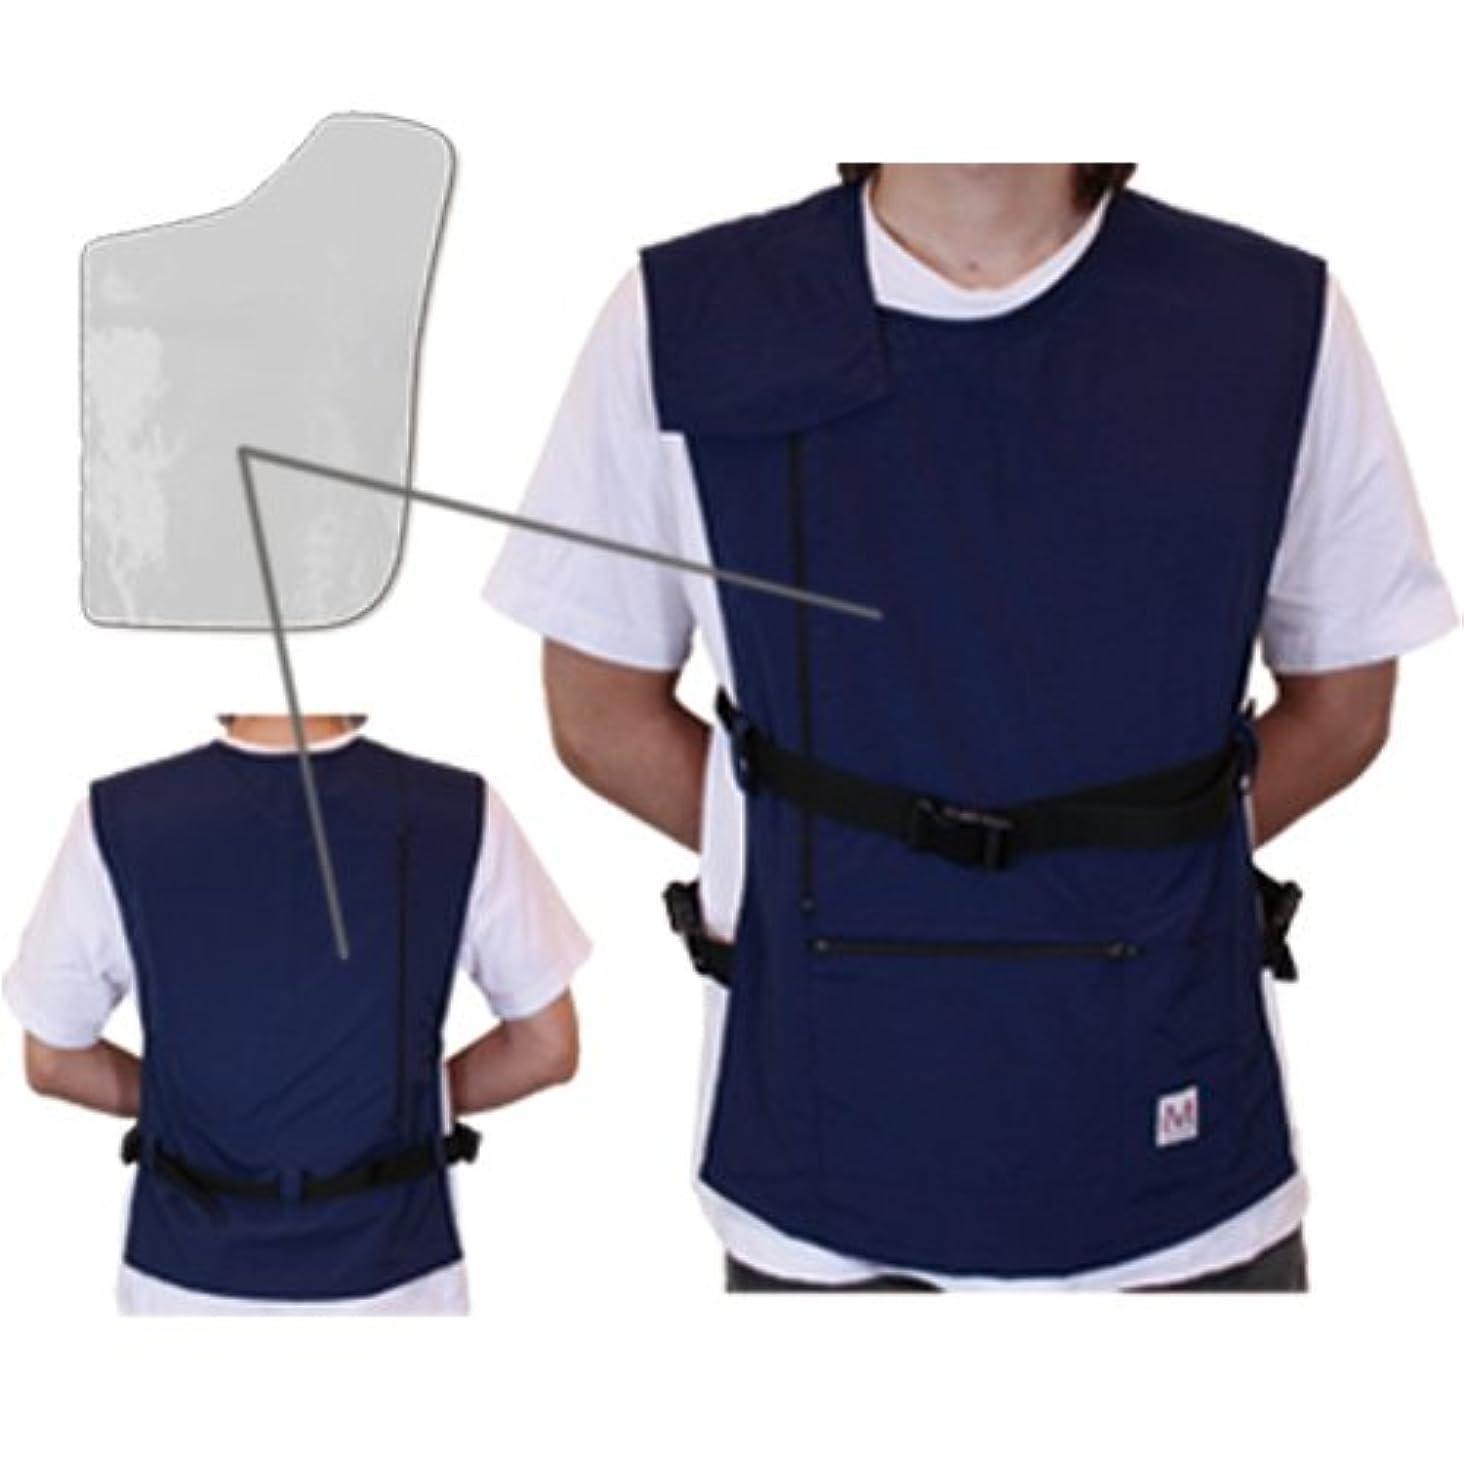 ペースメーカ?ICD電磁波防護服「MGワークベスト左胸用(ネイビー)2年間品質保証